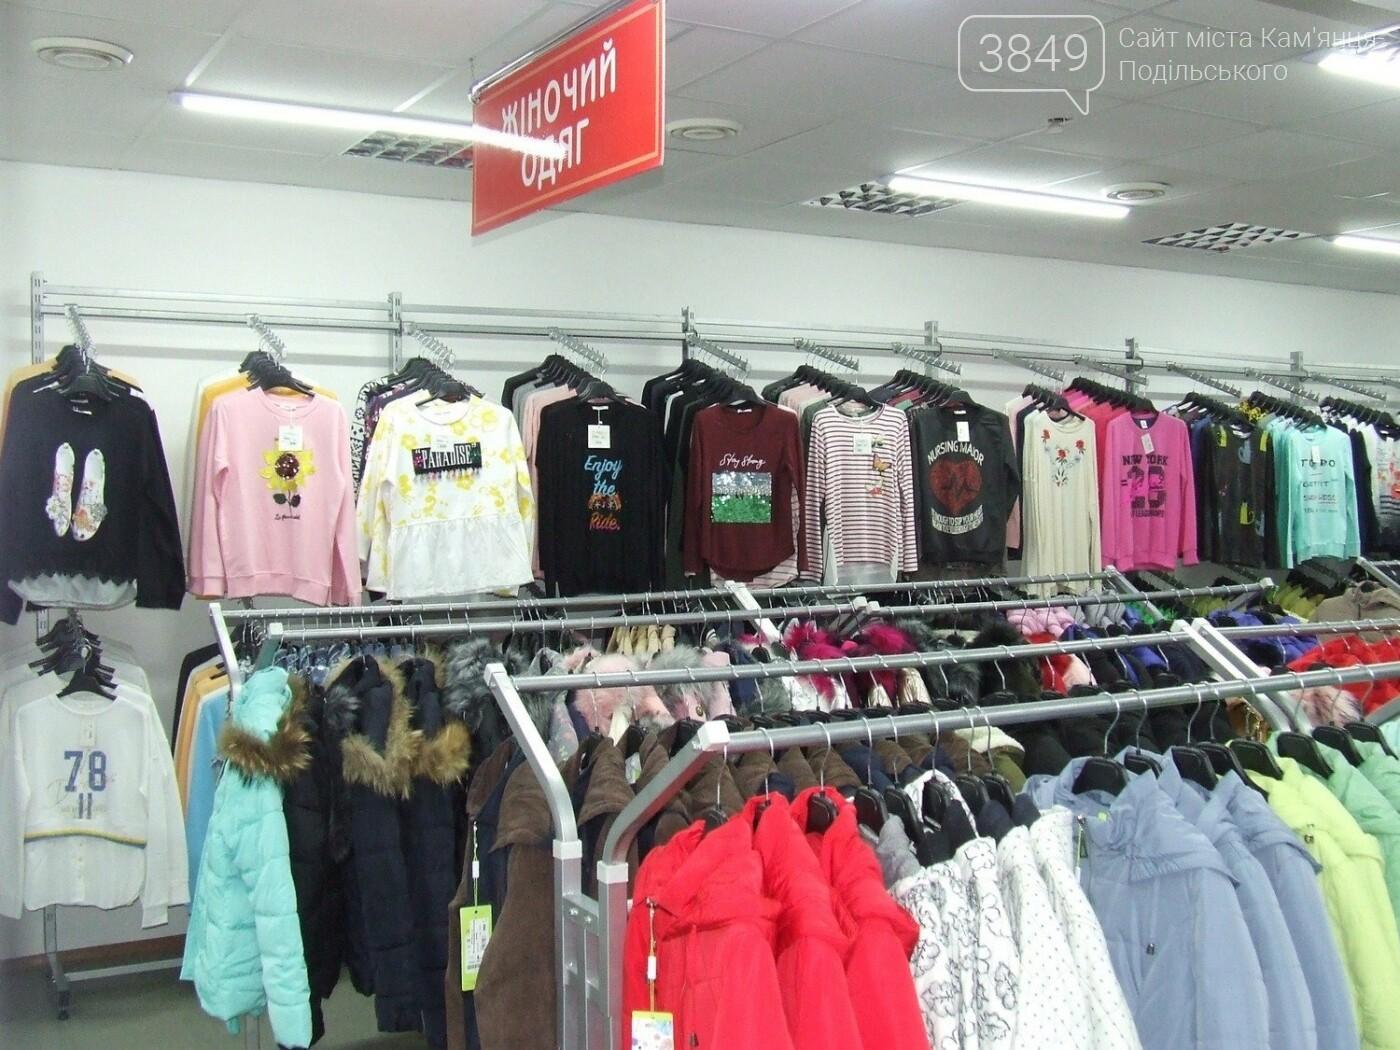 """Одяг для усієї родини у новому магазині """"SUPERЦІНА"""" у Кам'янці-Подільському, фото-24"""